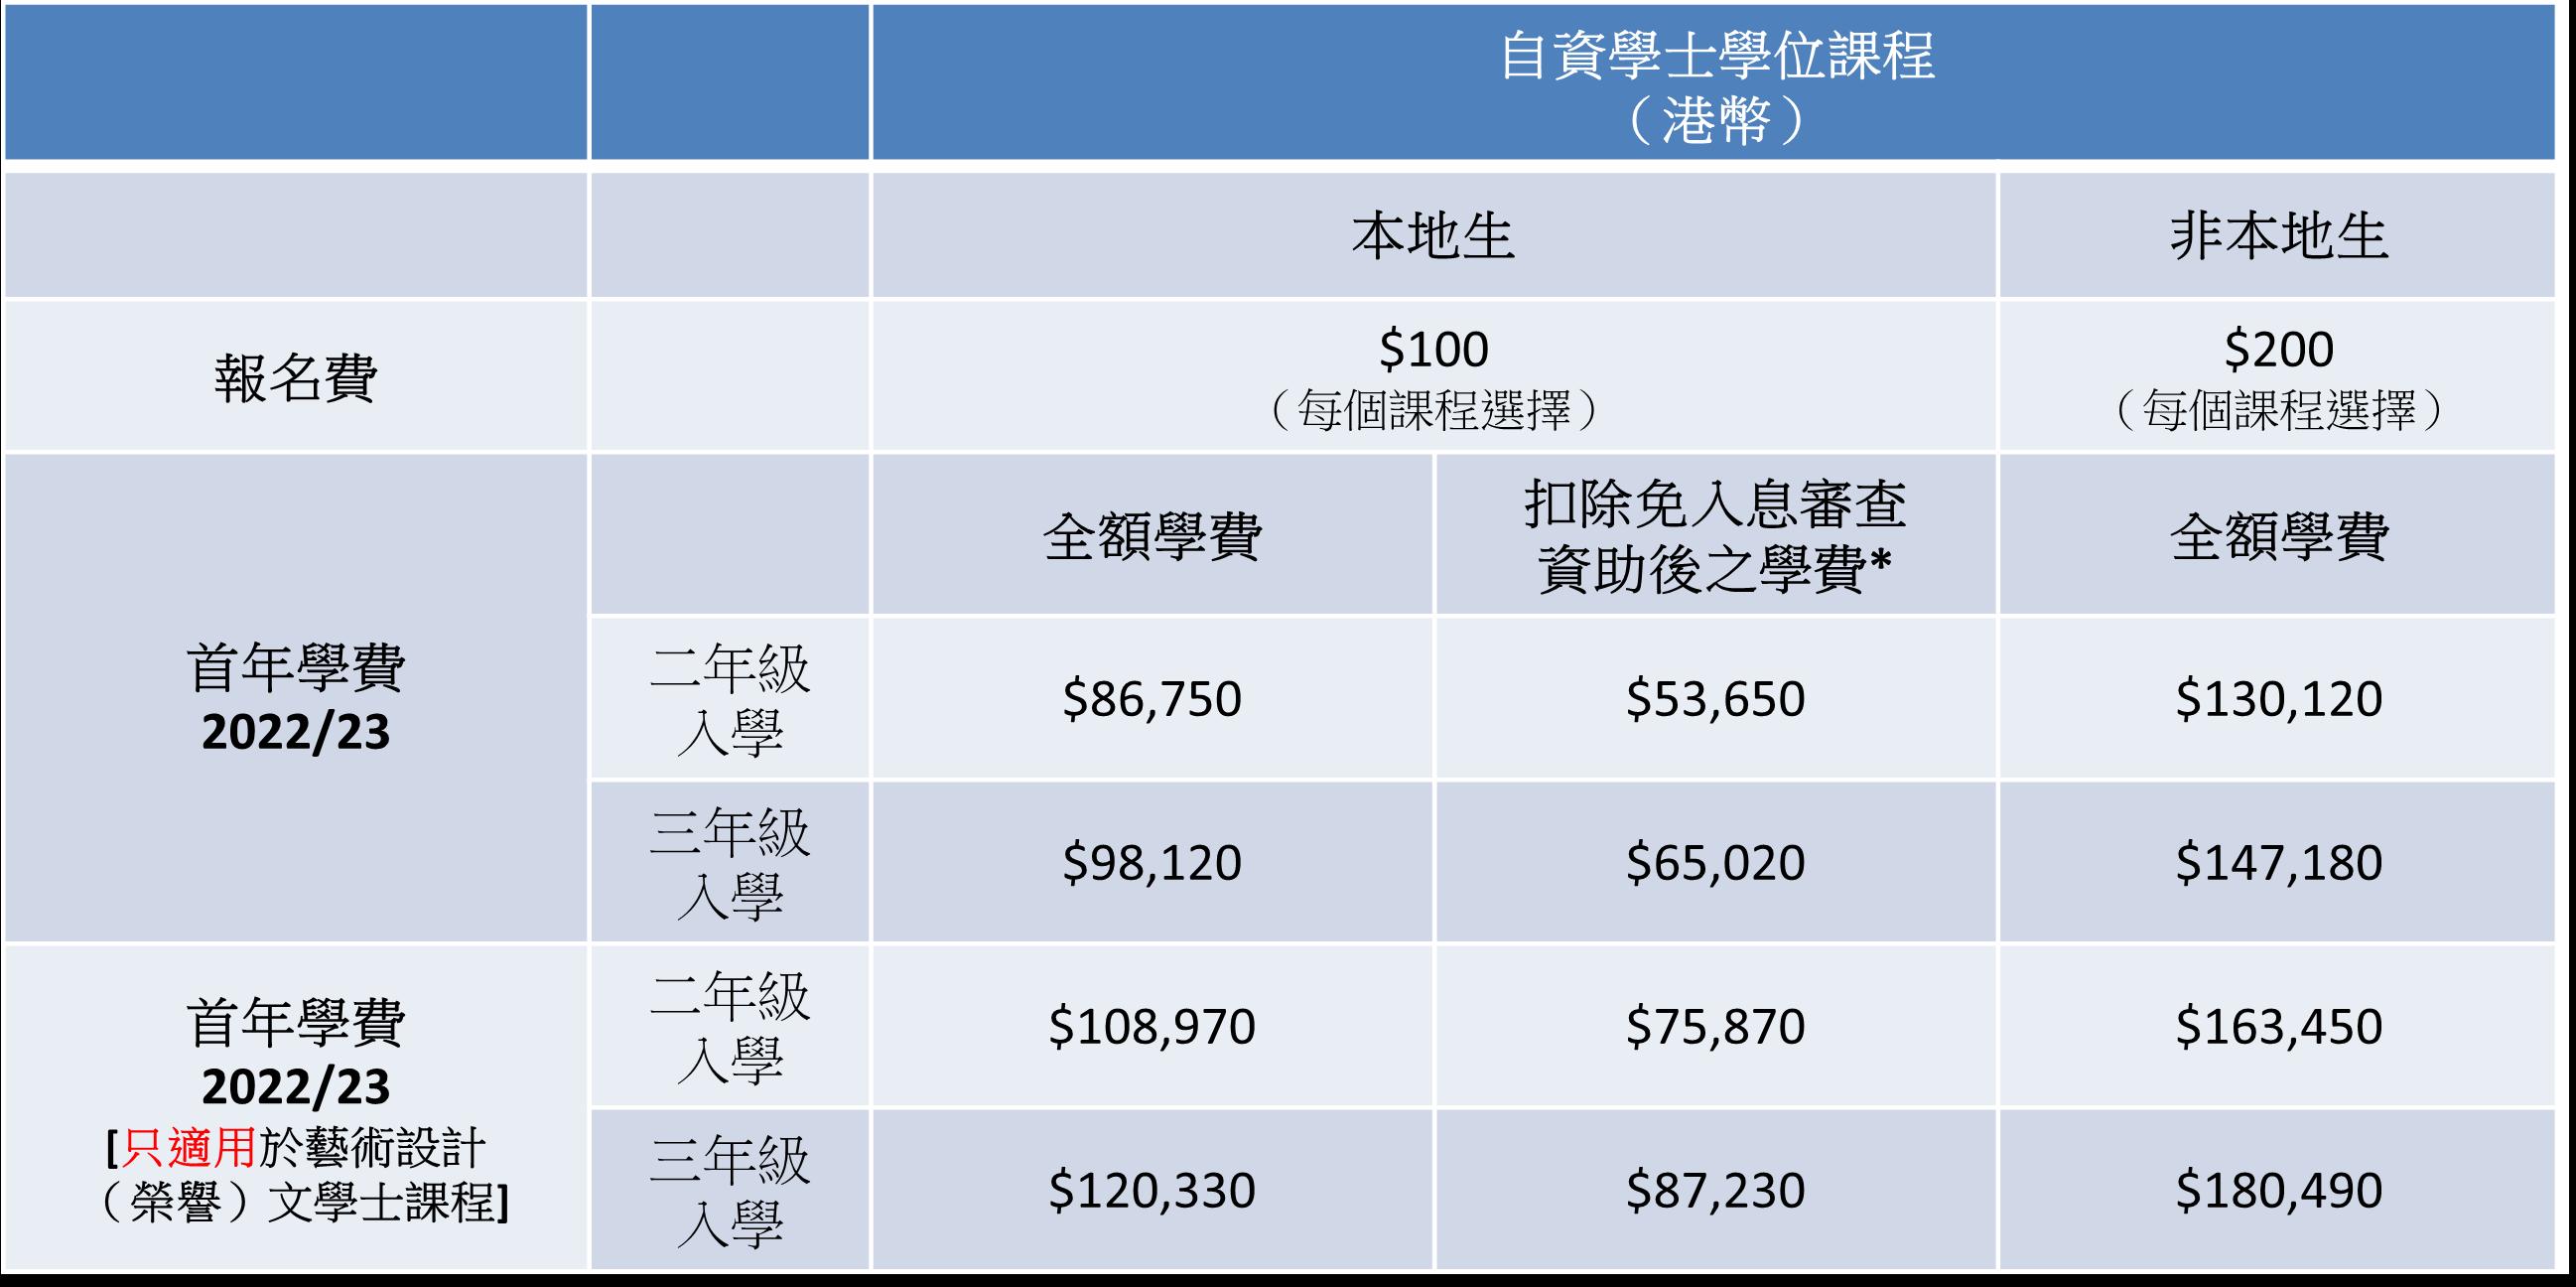 SY 學費與資助